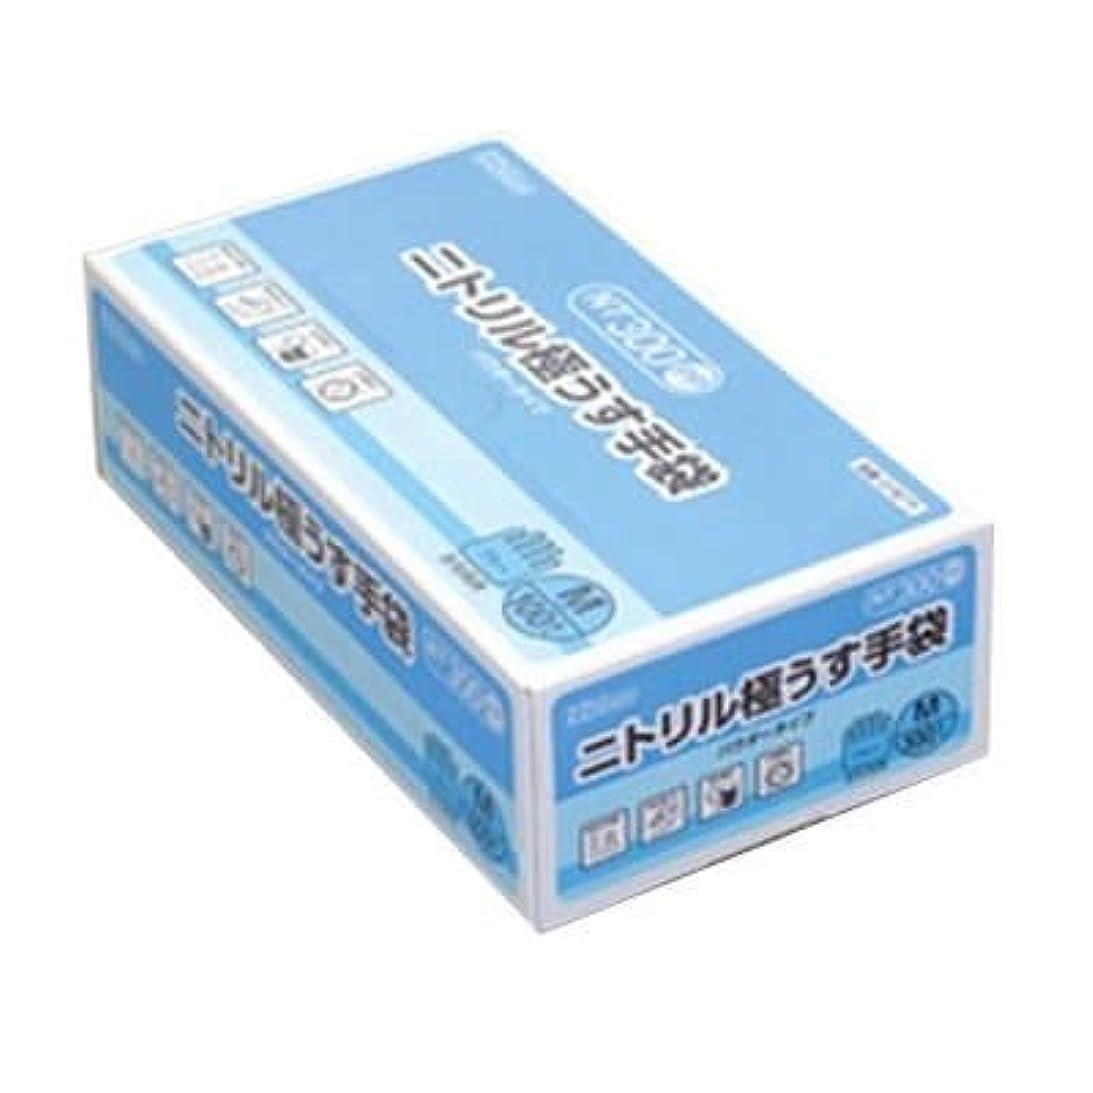 輪郭同化うんざり【ケース販売】 ダンロップ ニトリル極うす手袋 粉付 M ブルー NT-300 (100枚入×20箱)